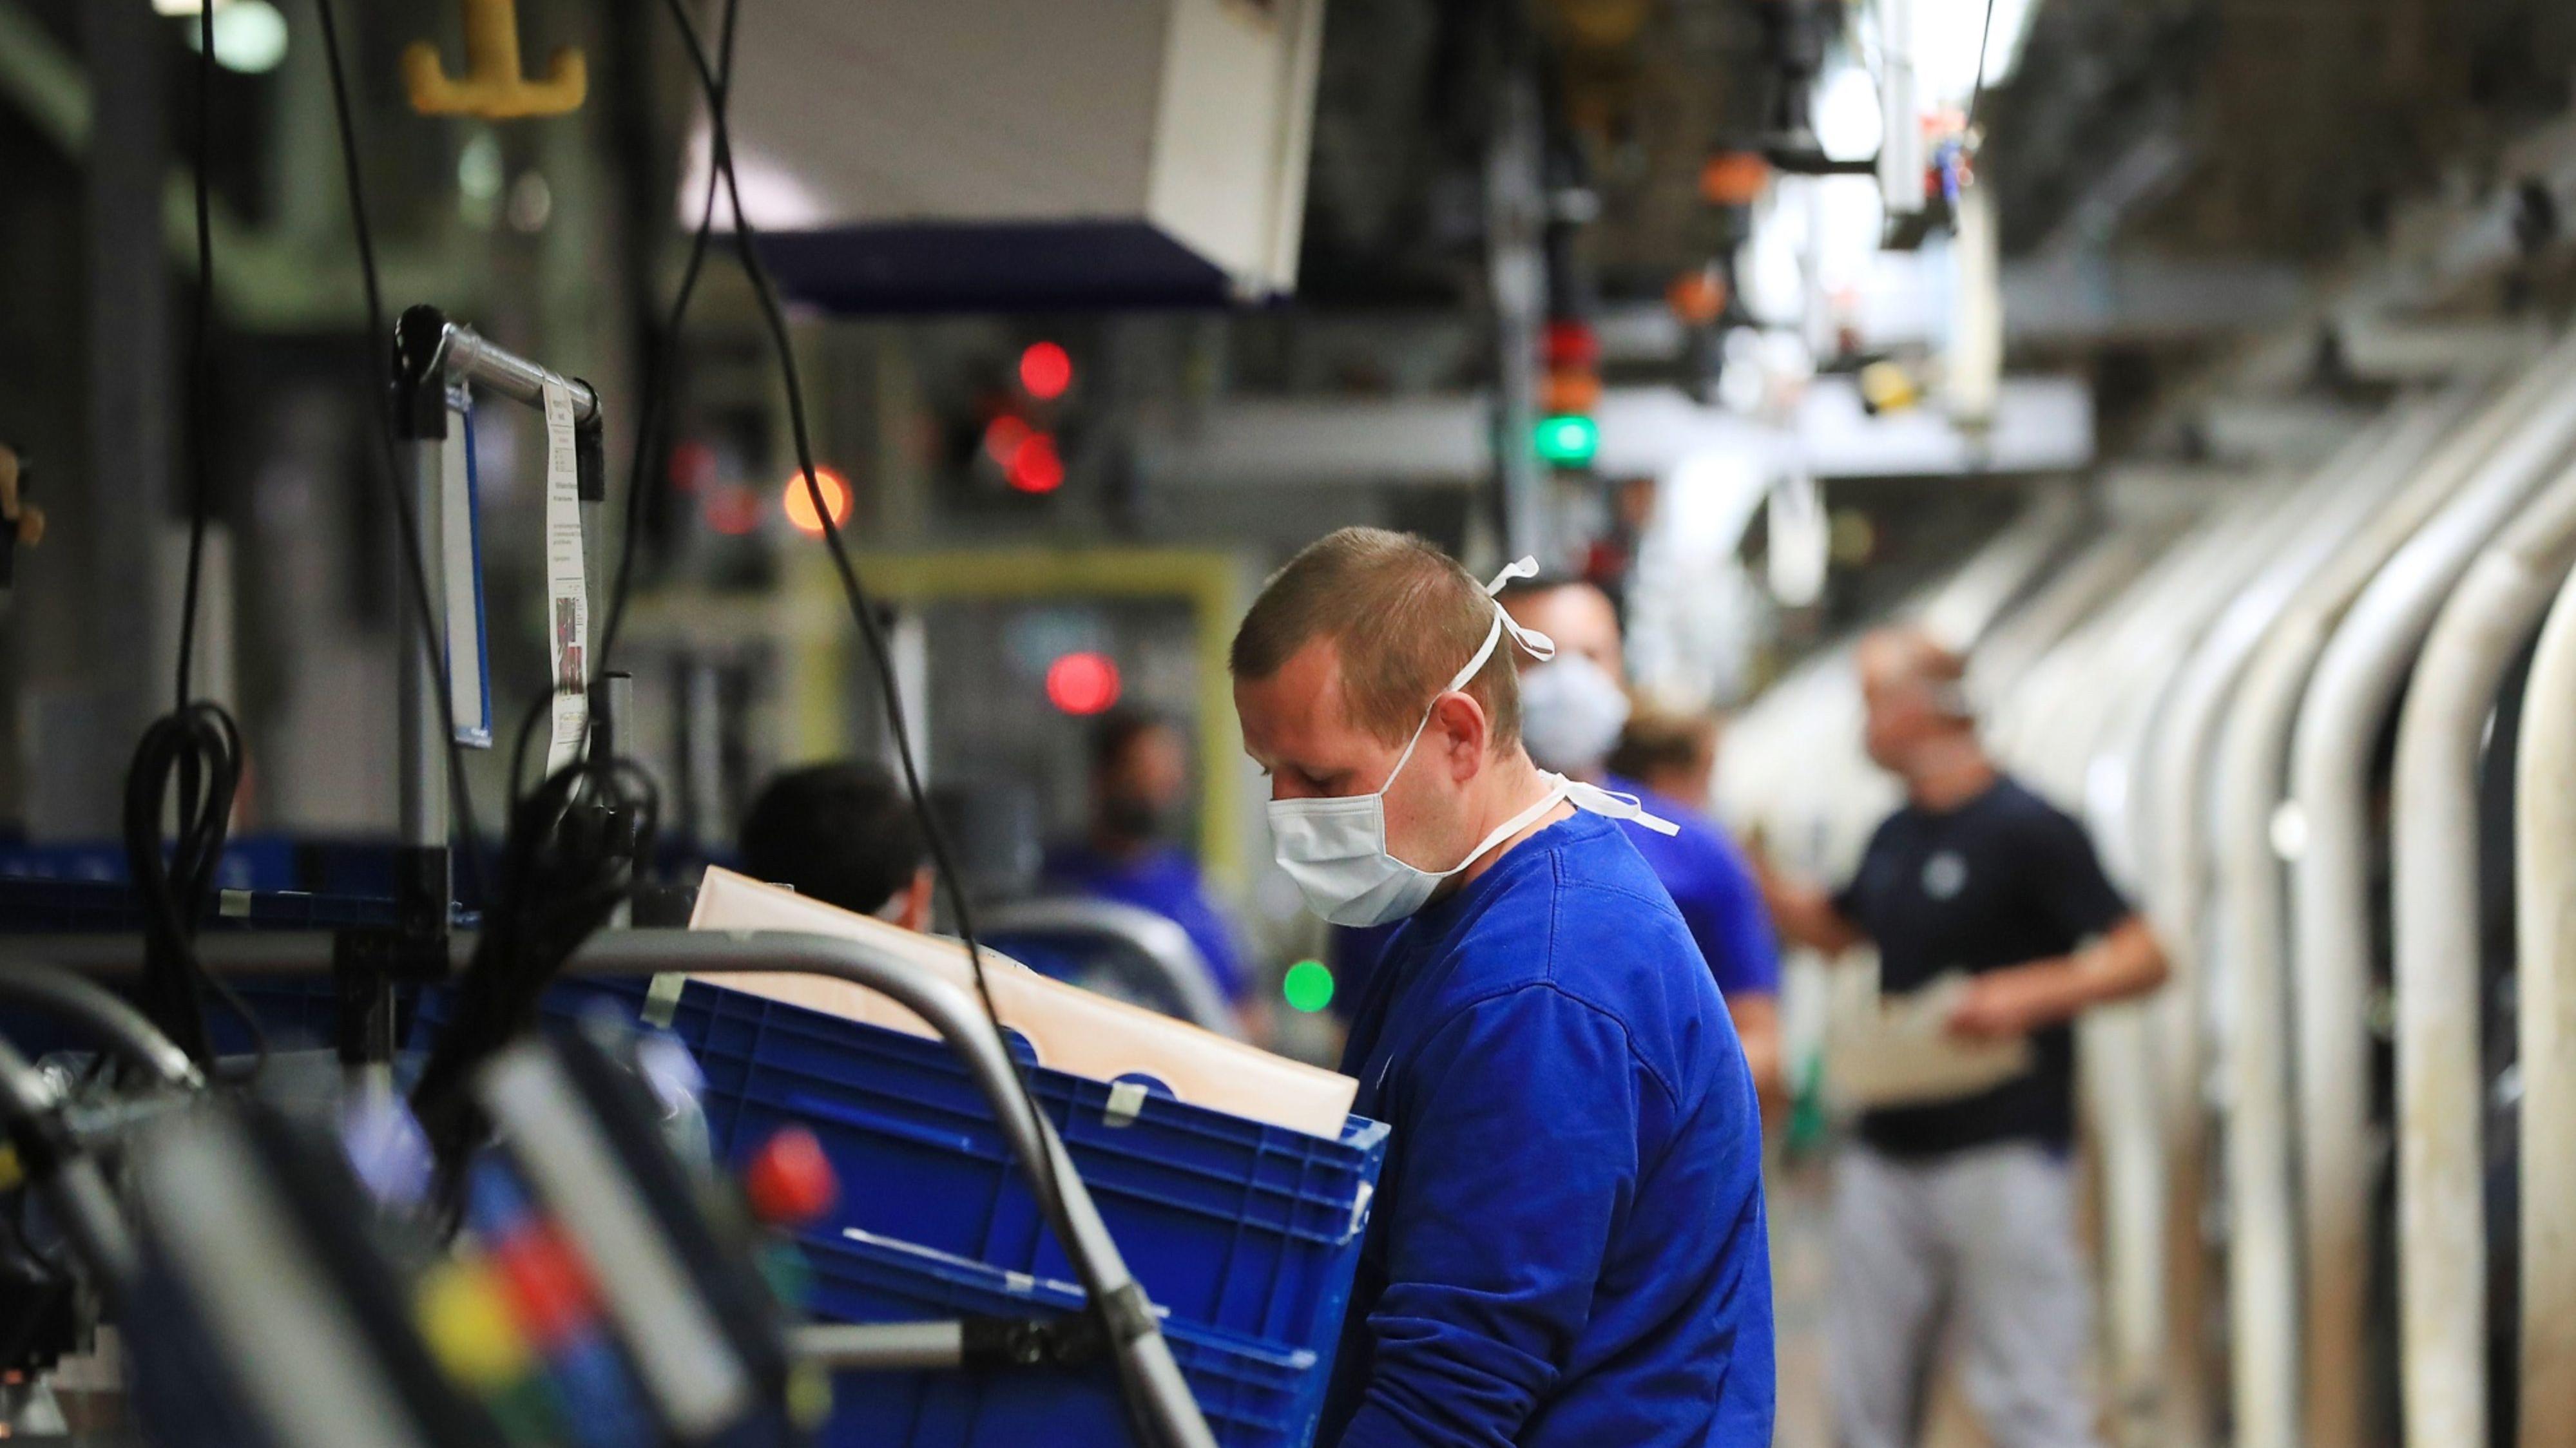 Кризата може да намали работните места в Германия с 1 млн. - Bloomberg